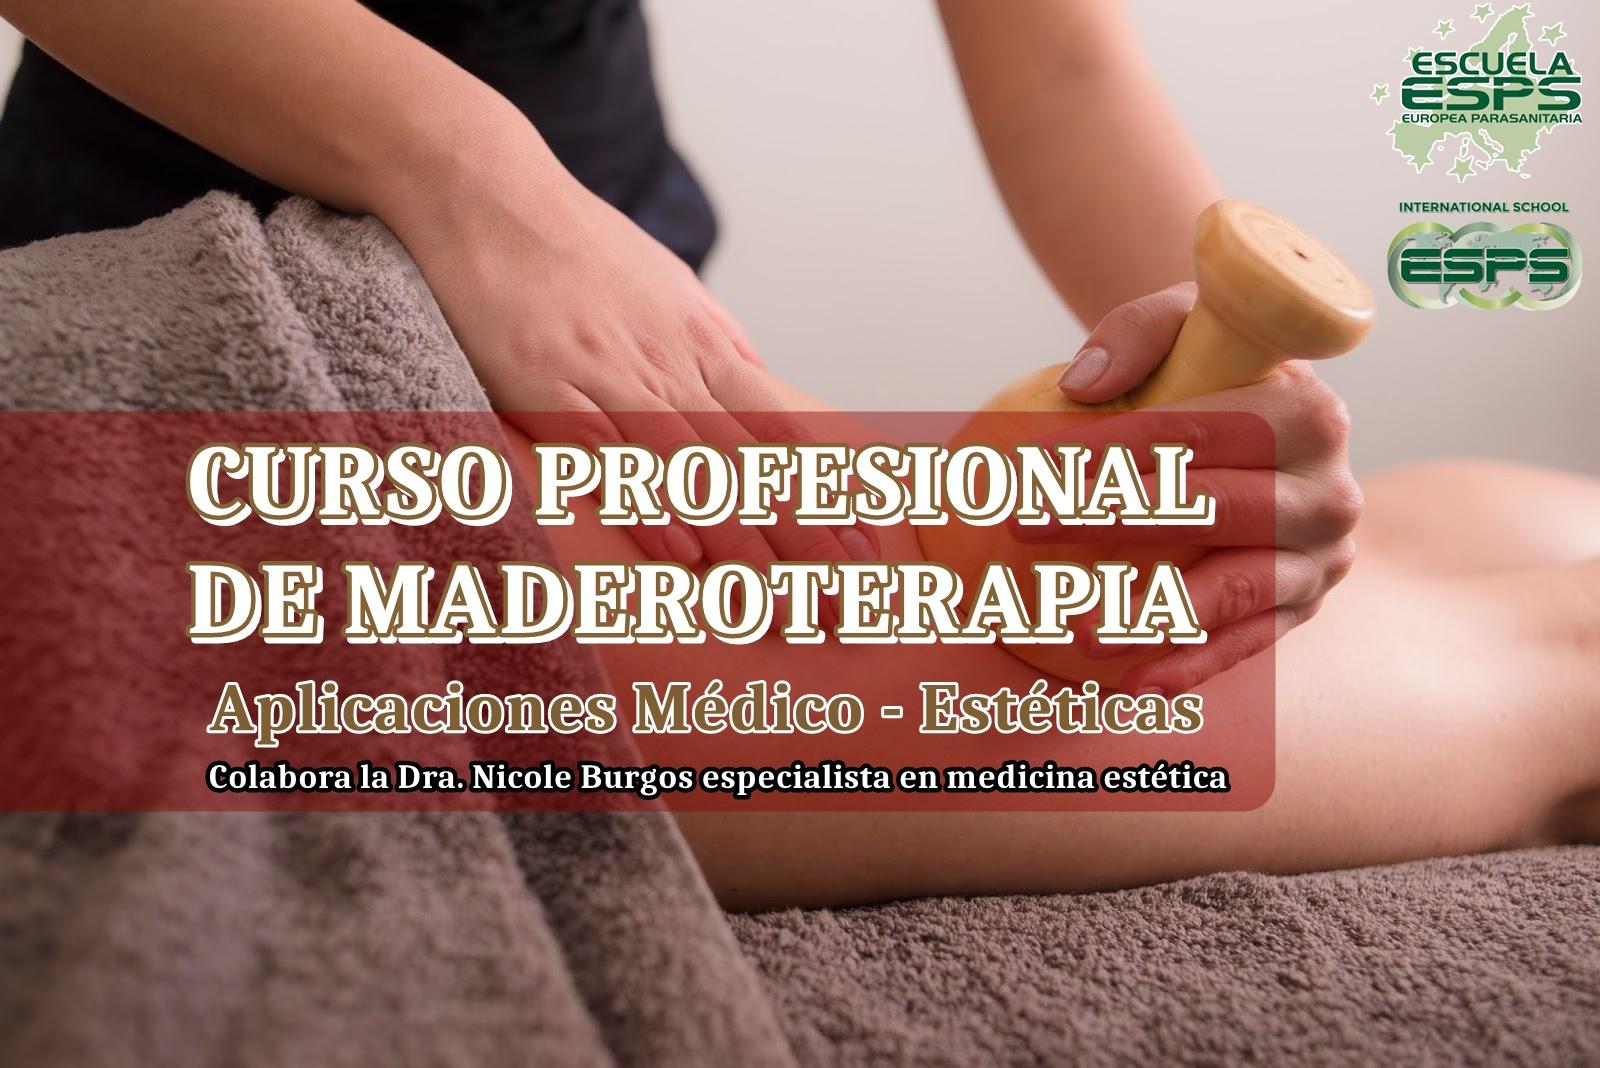 Curso de maderoterapia para balnearios